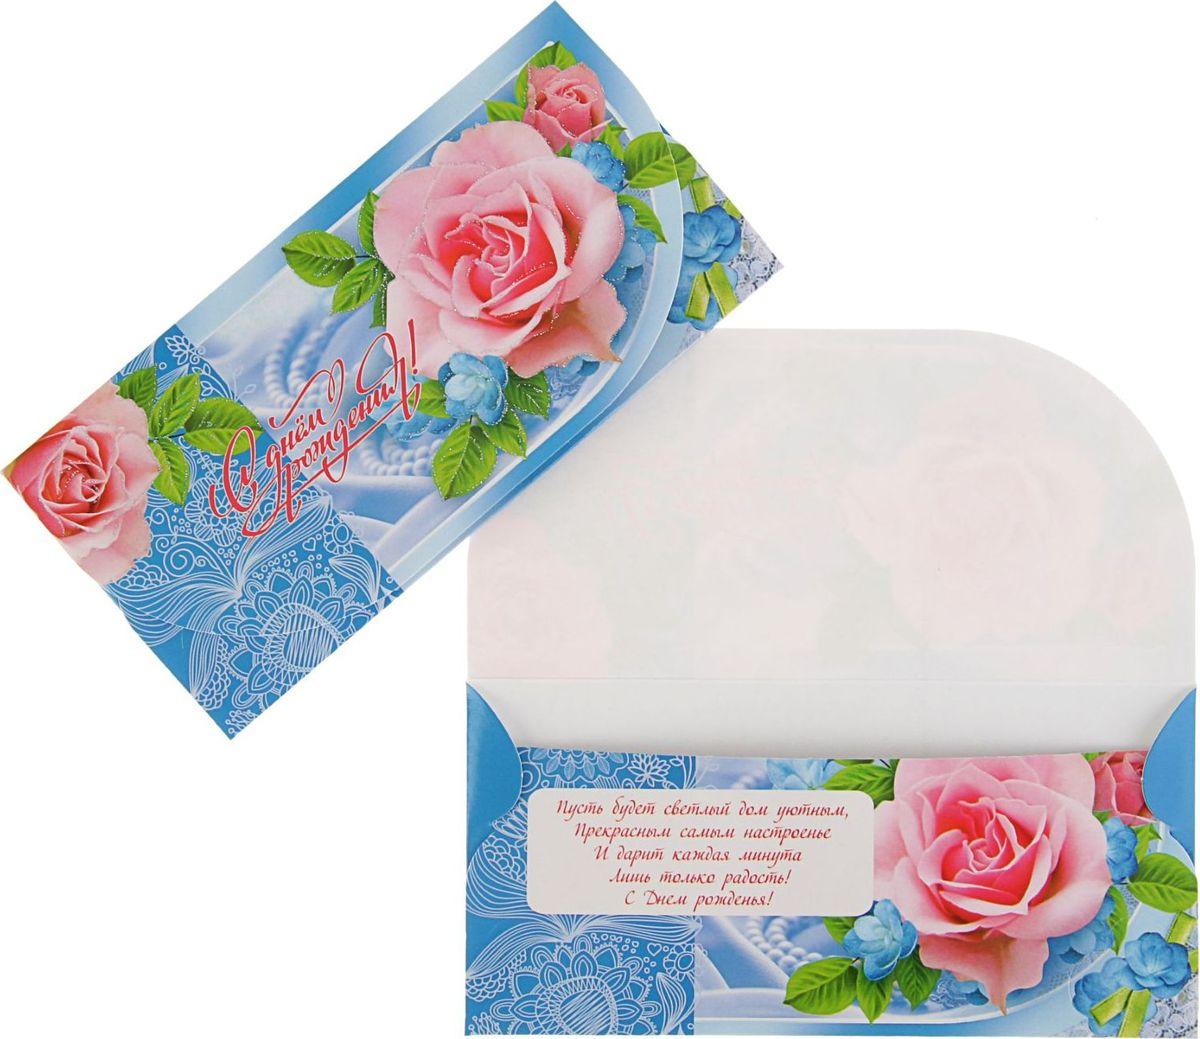 Конверт для денег Фокскард С Днем рождения! Розовые розы, голубой фон, 16,5 х 8 см2173974Всем известно, что хороший подарок - это полезный подарок. А деньги уж точно не будут пылиться в дальнем углу шкафа. Их можно преподнести на любое торжество. Подберите для своего подарка оригинальный конверт и скорее дарите близким радость!Изделие изготовлено из плотного картона, поэтому вы можете не беспокоиться за целостность его содержимого.